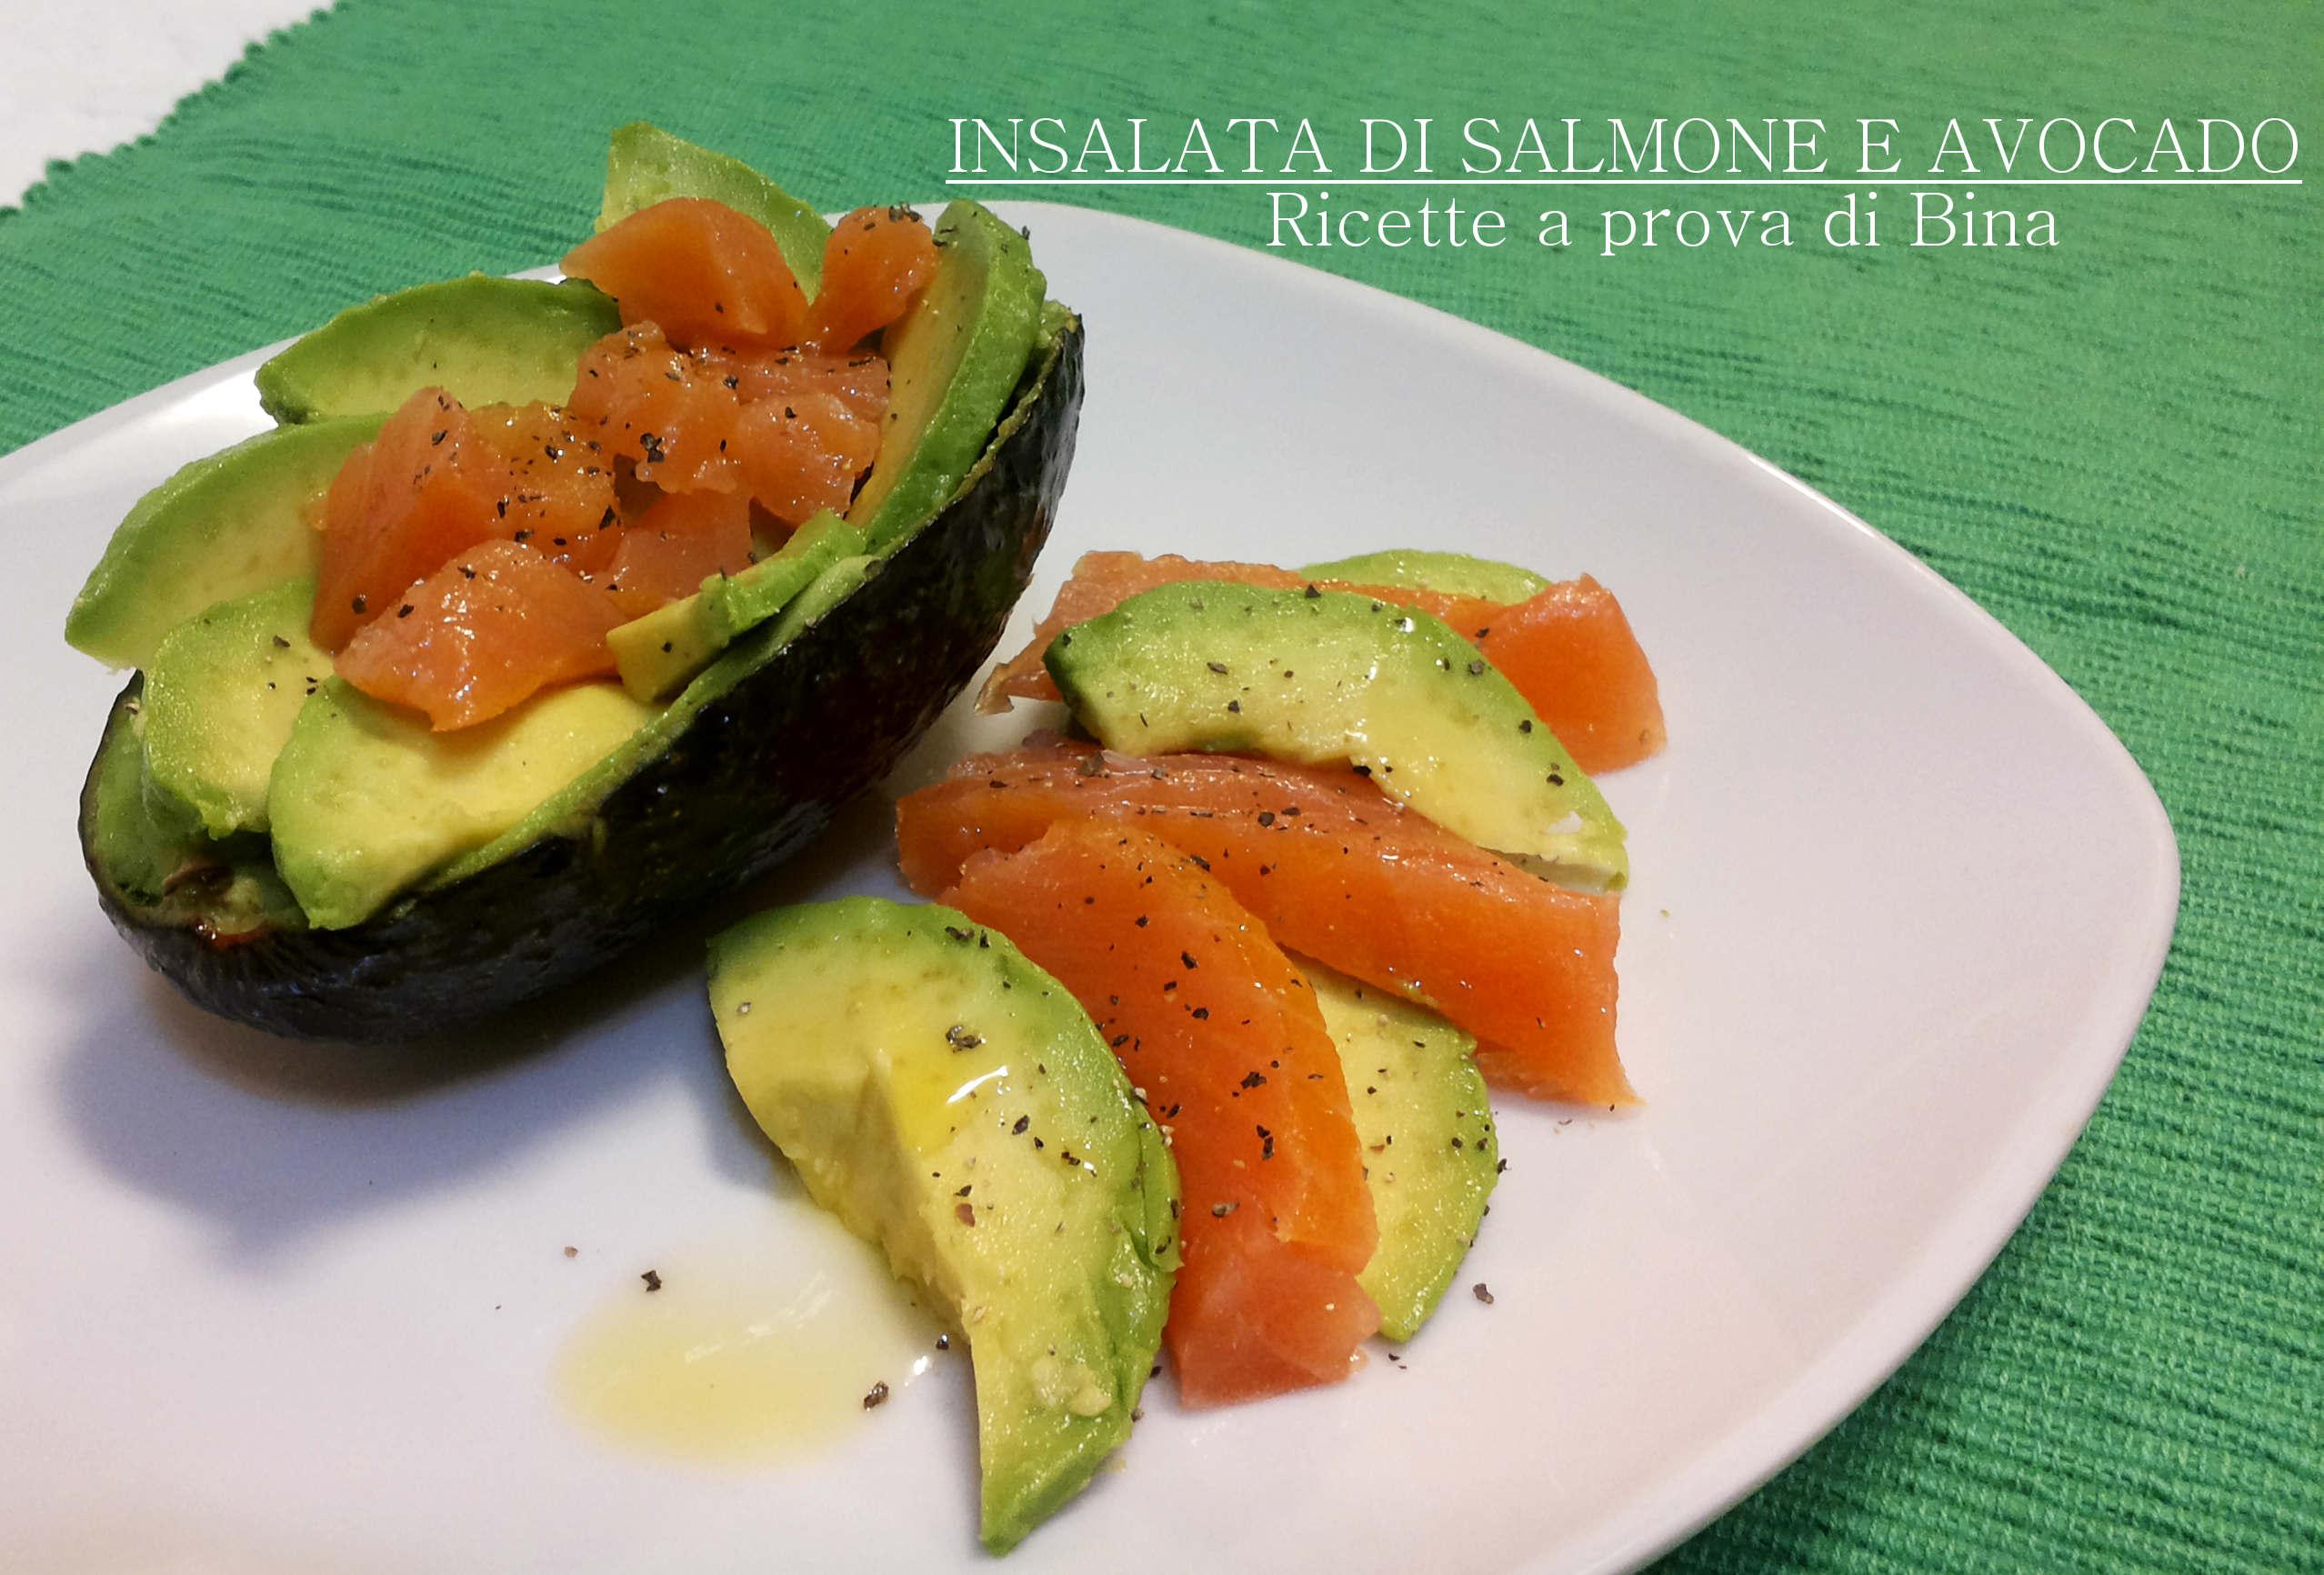 Insalata di salmone e avocado ricette a prova di bina for Salmone ricette